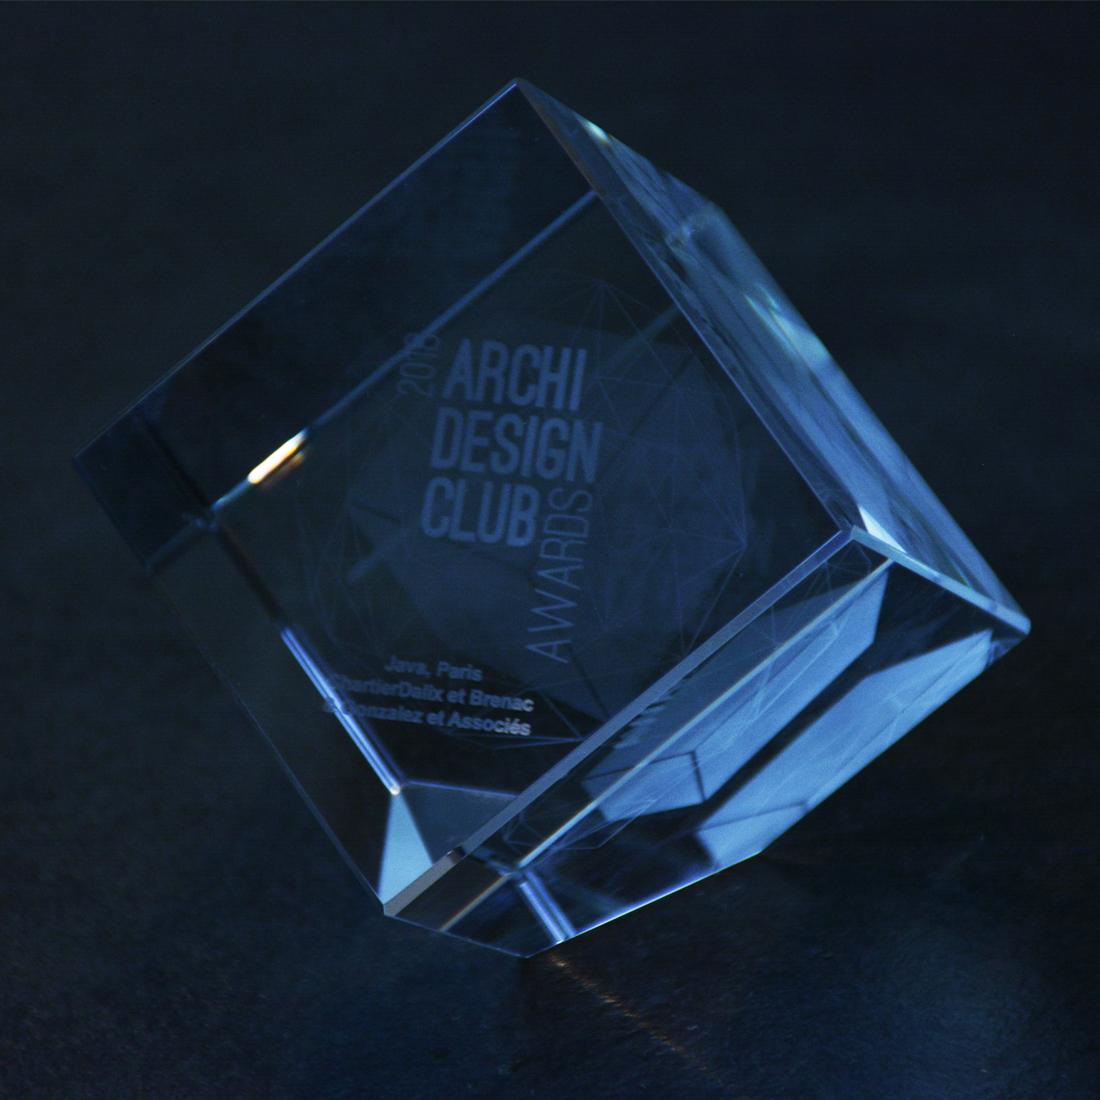 JAVA REMPORTE  ADC AWARDS 2018 | Brenac & Gonzalez et Associés